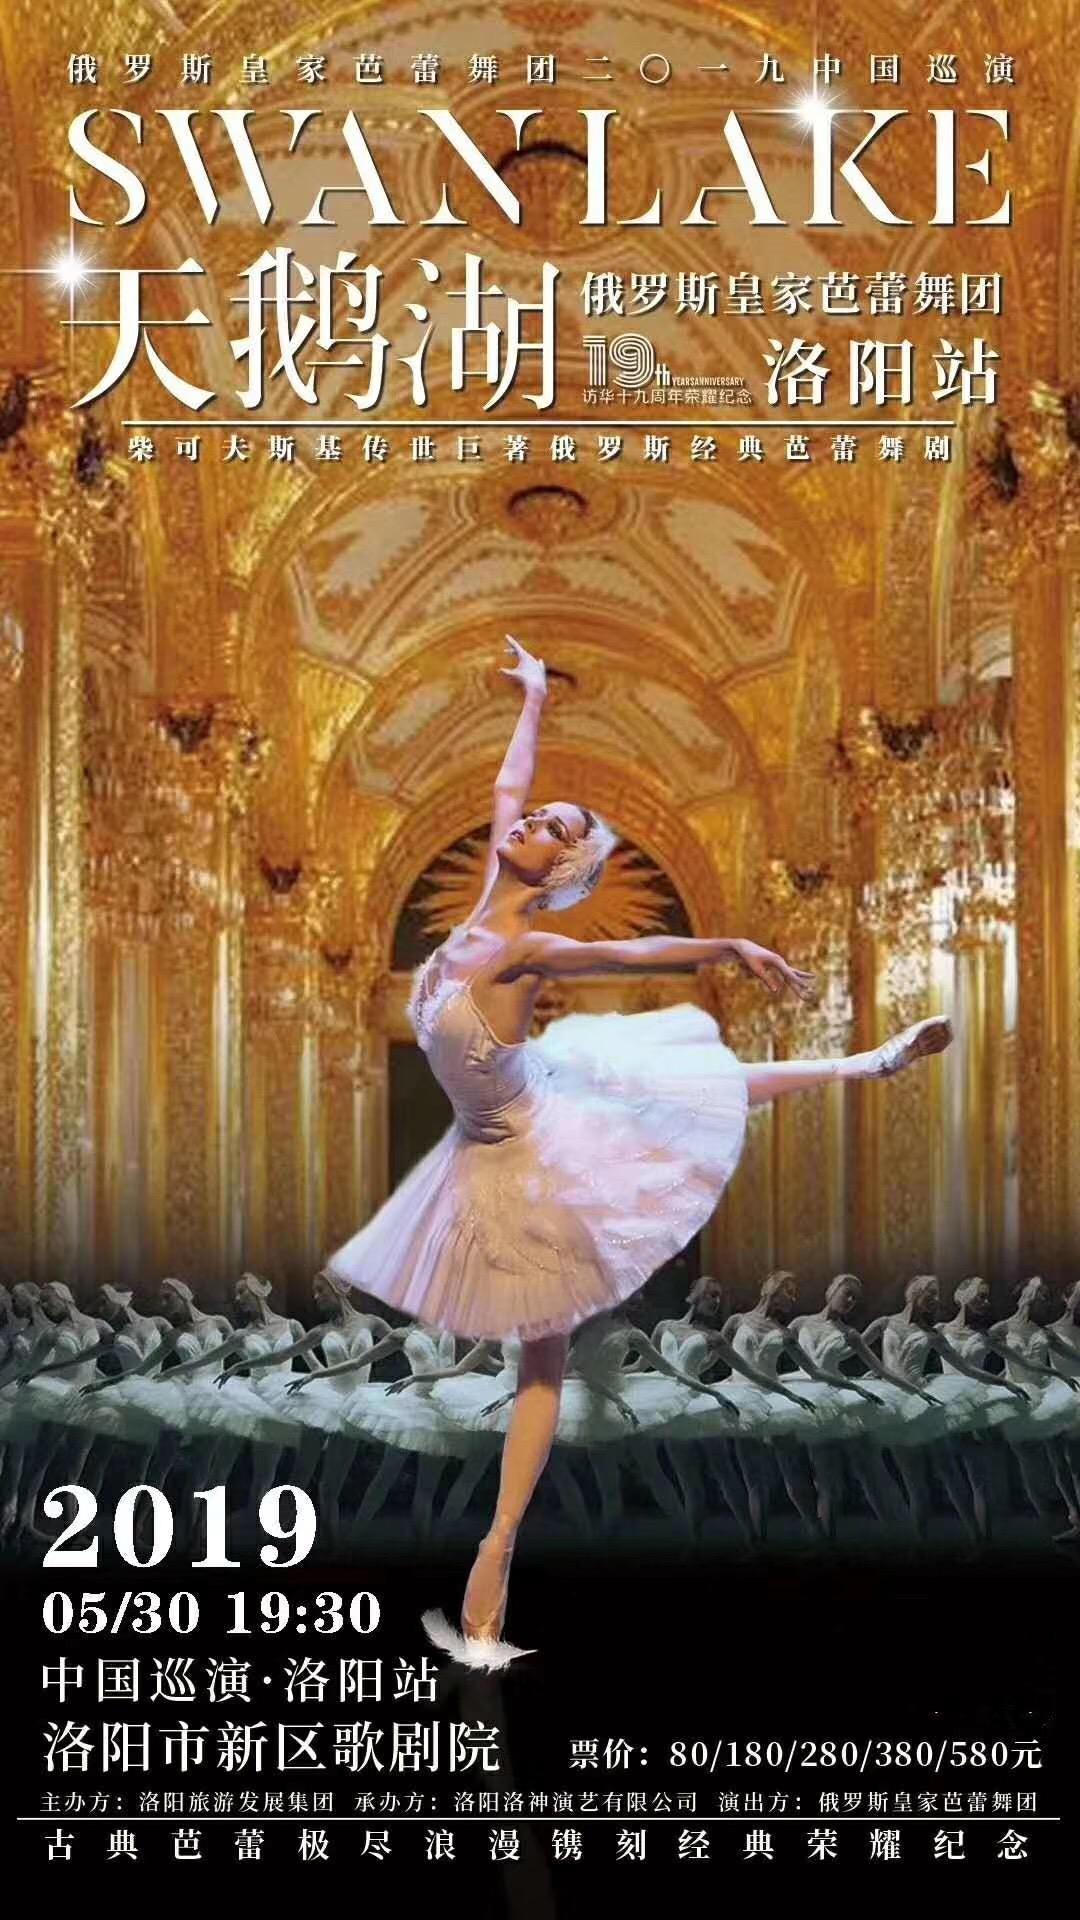 《天鹅湖》俄罗斯皇家芭蕾舞团2019中国巡演洛阳站